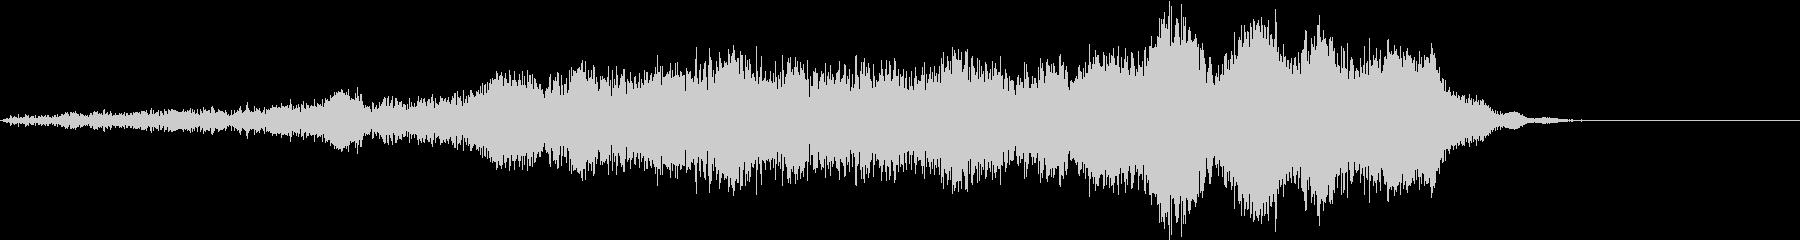 ホラー 近く 接近 恐怖 金属音 18の未再生の波形